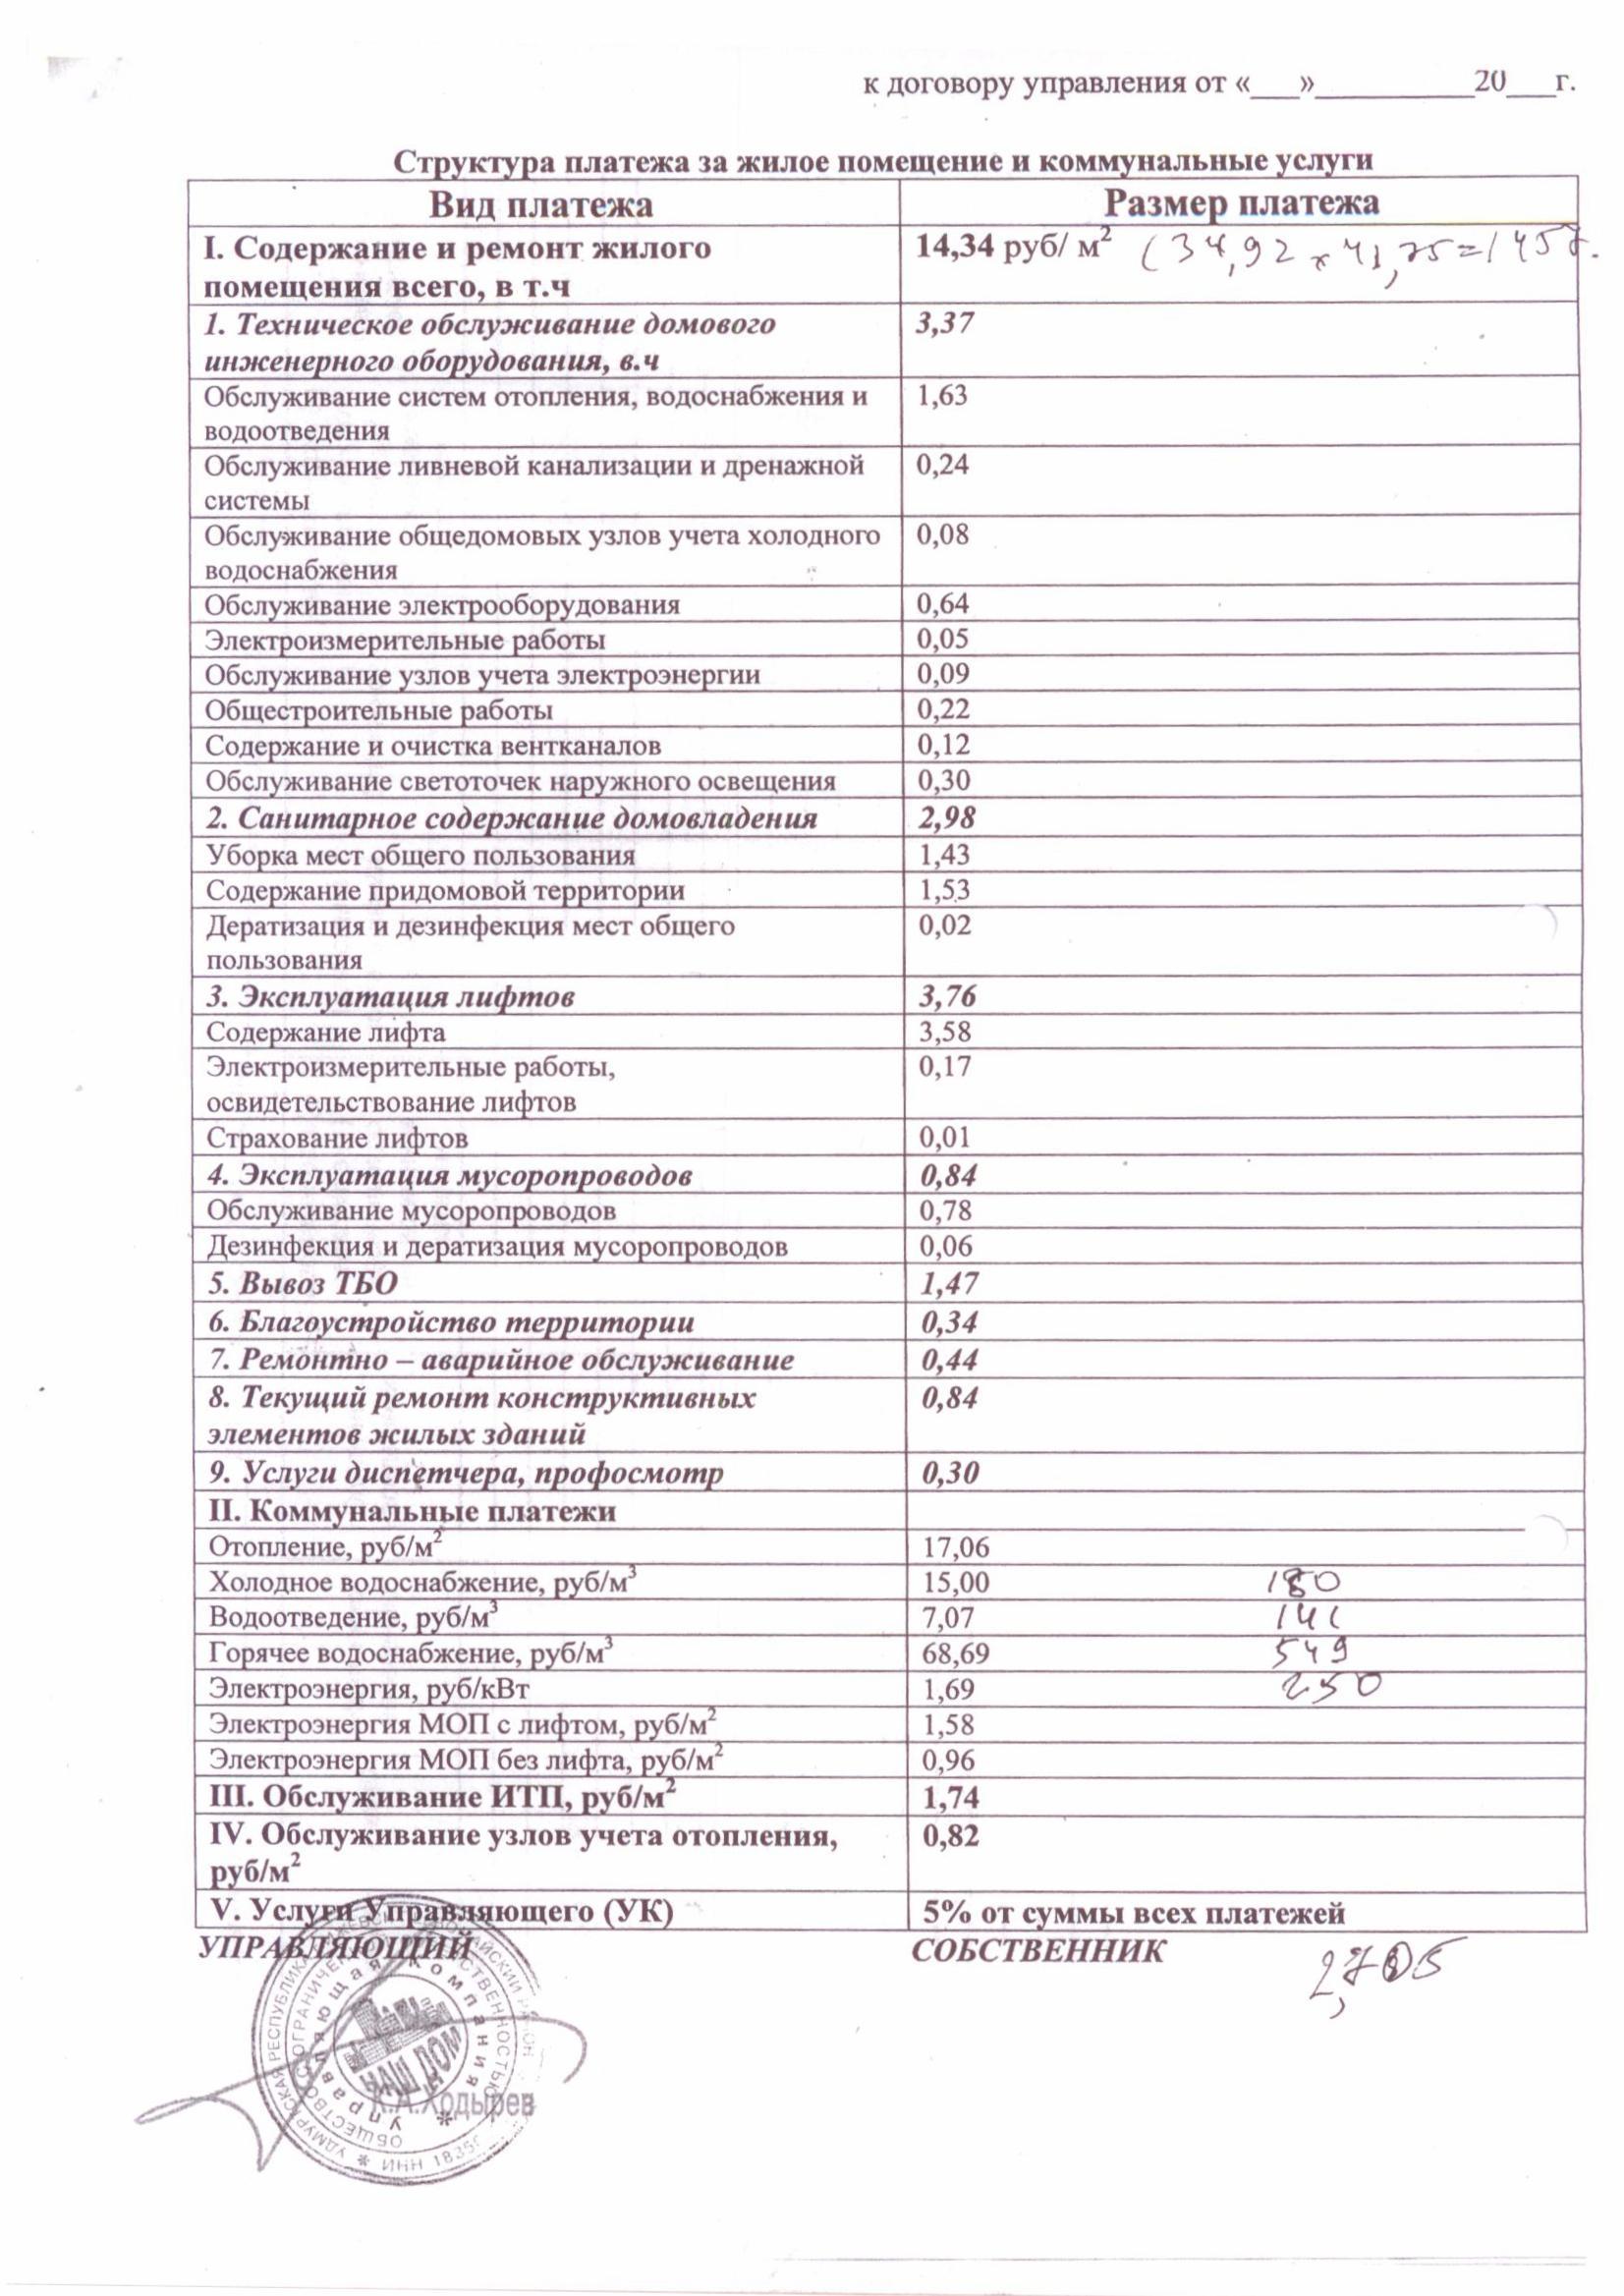 Зделать медицинская справка в коврове Медицинское заключение о состоянии здоровья Бутырский район